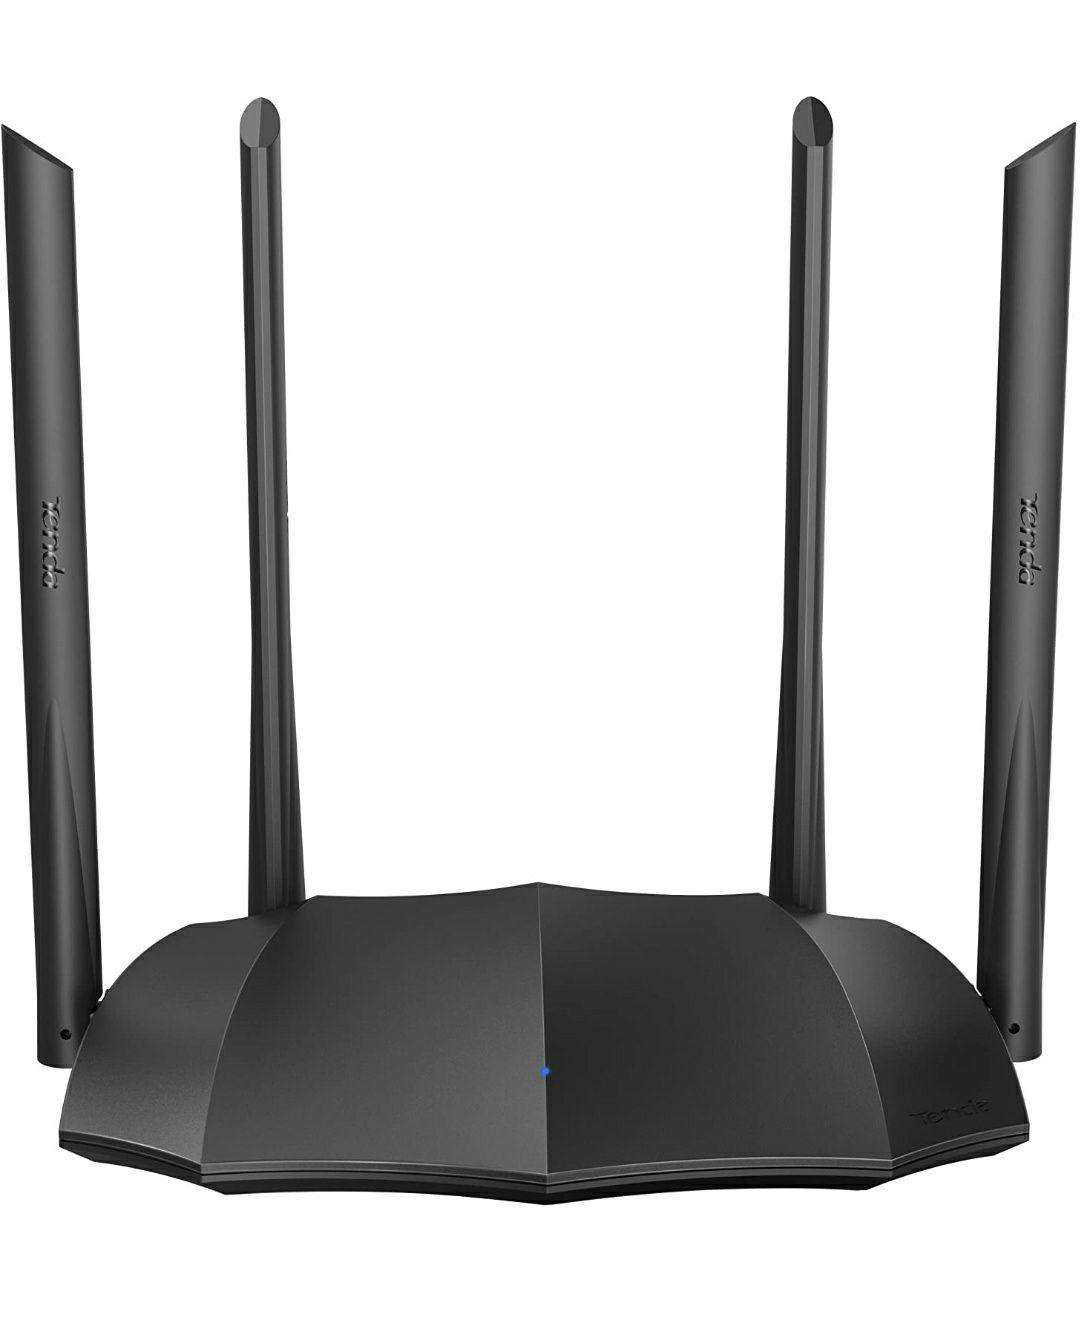 Amazon: Tenda Router AC8 doble banda 2.4Ghz/5.0Ghz